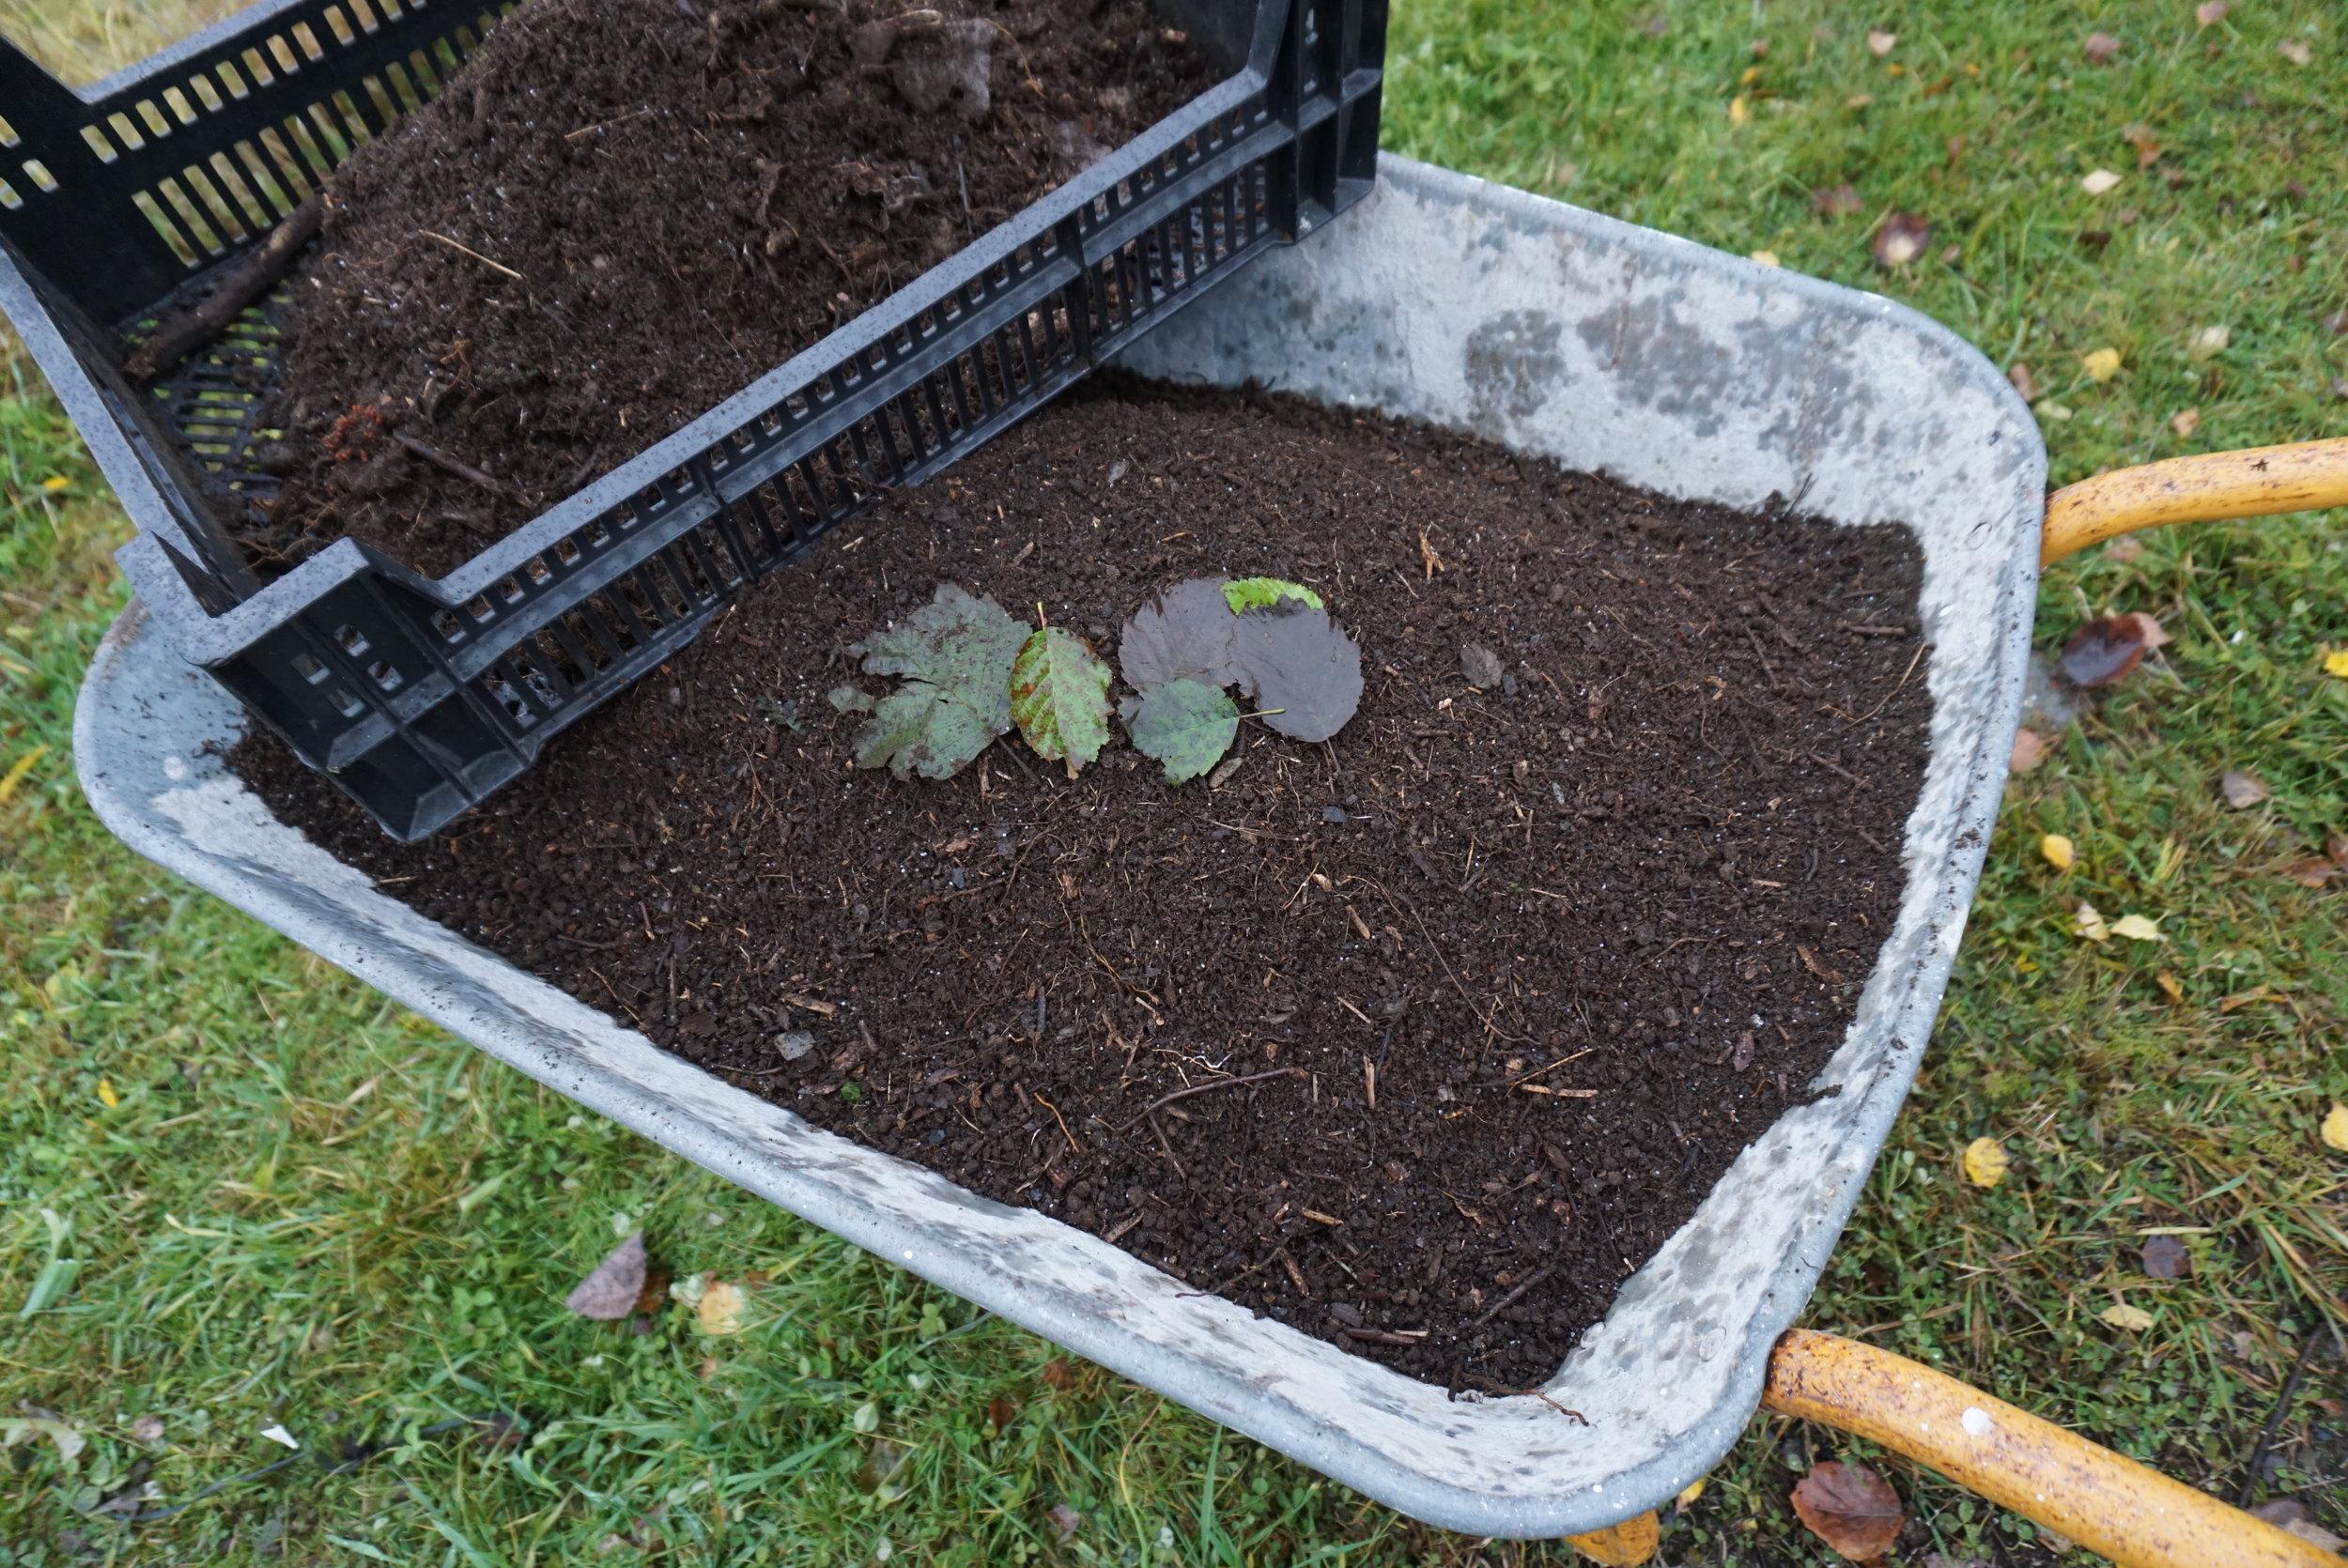 Orejord soldes gjennom en grønnsakskasse. Høsten er en fin tid å sanke på, men så fort det er tint nå på våren er det bare å hente - om grunneieren sier ja og området ikke er fredet.